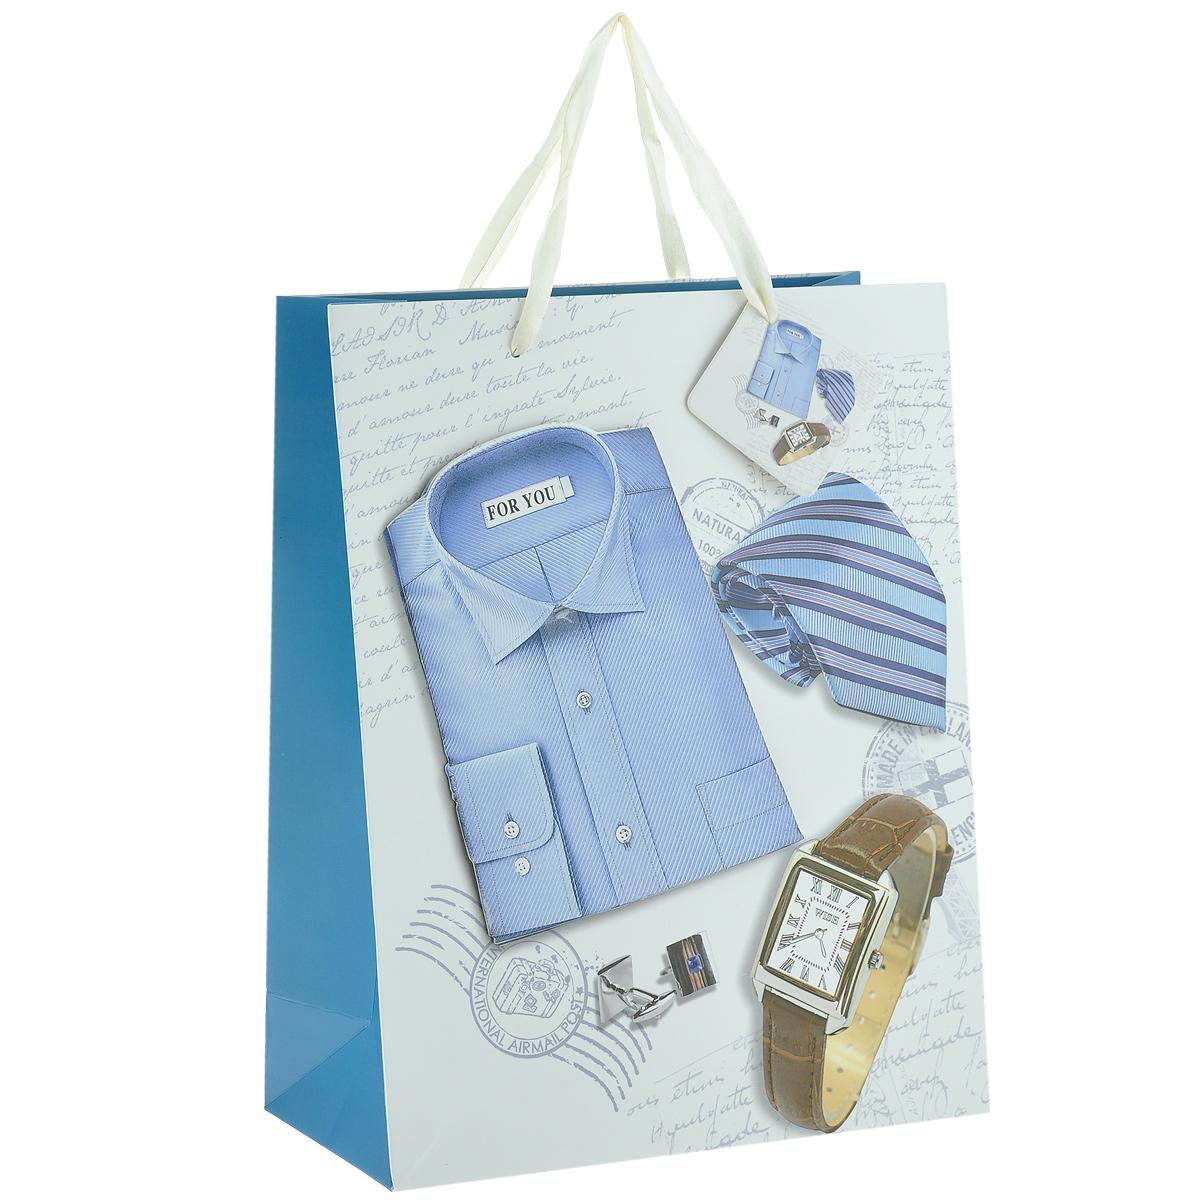 Пакет подарочный Мужской стиль, 26 х 10 х 32 смC0042416Дизайнерский подарочный пакет Мужской стиль выполнен из плотной бумаги, оформлен изображением часов, галстука, запонок и аппликацией в виде синей рубашки. Дно изделия укреплено плотным картоном, который позволяет сохранить форму пакета и исключает возможность деформации дна под тяжестью подарка. Для удобной переноски имеются две атласные ручки.Подарок, преподнесенный в оригинальной упаковке, всегда будет самым эффектным и запоминающимся. Окружите близких людей вниманием и заботой, вручив презент в нарядном праздничном оформлении.